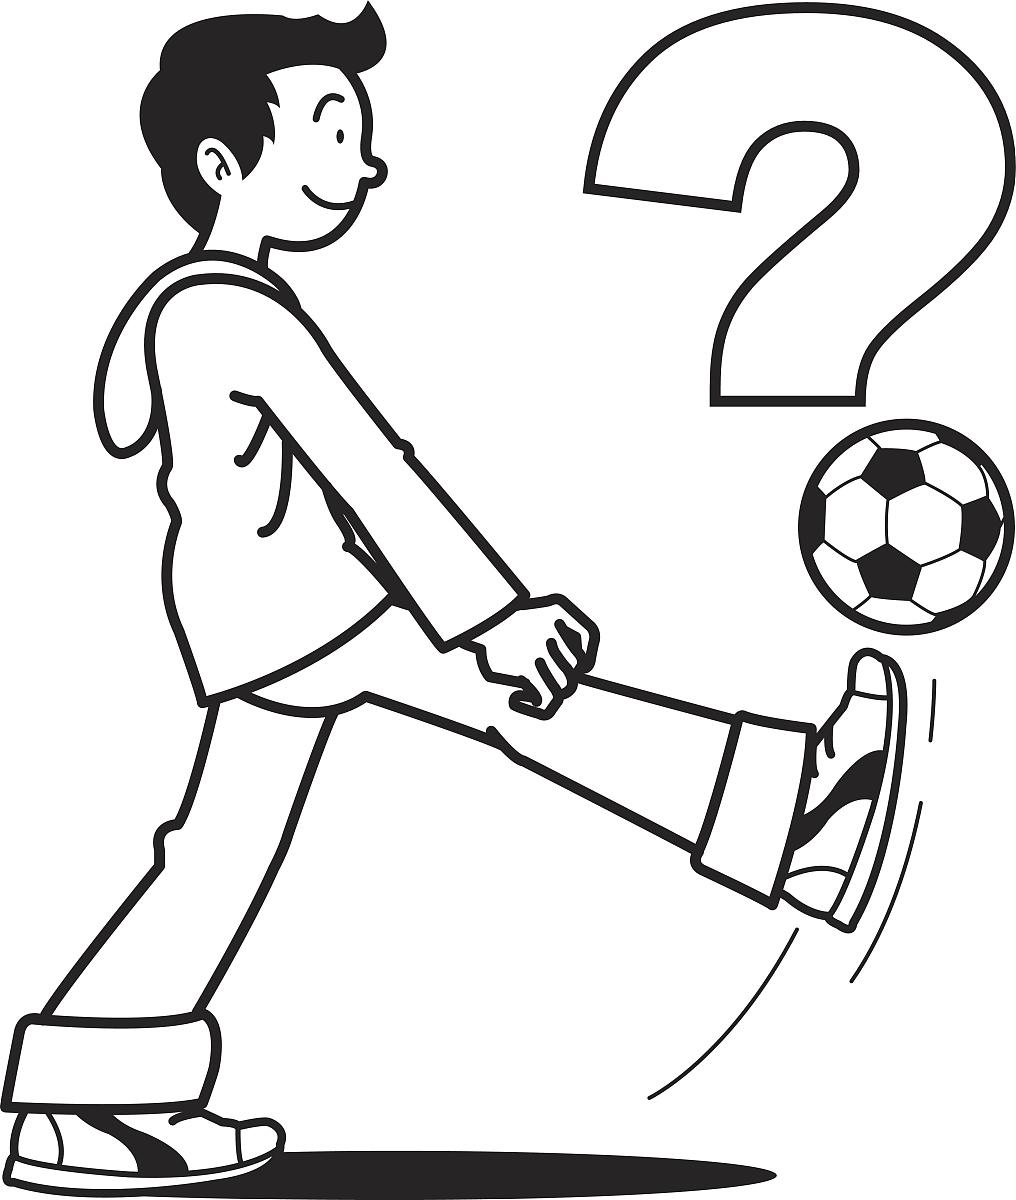 青少年,运动服,儿童,黑白图片,矢量,仅青少年,绘画插图,侧面视角,问号图片